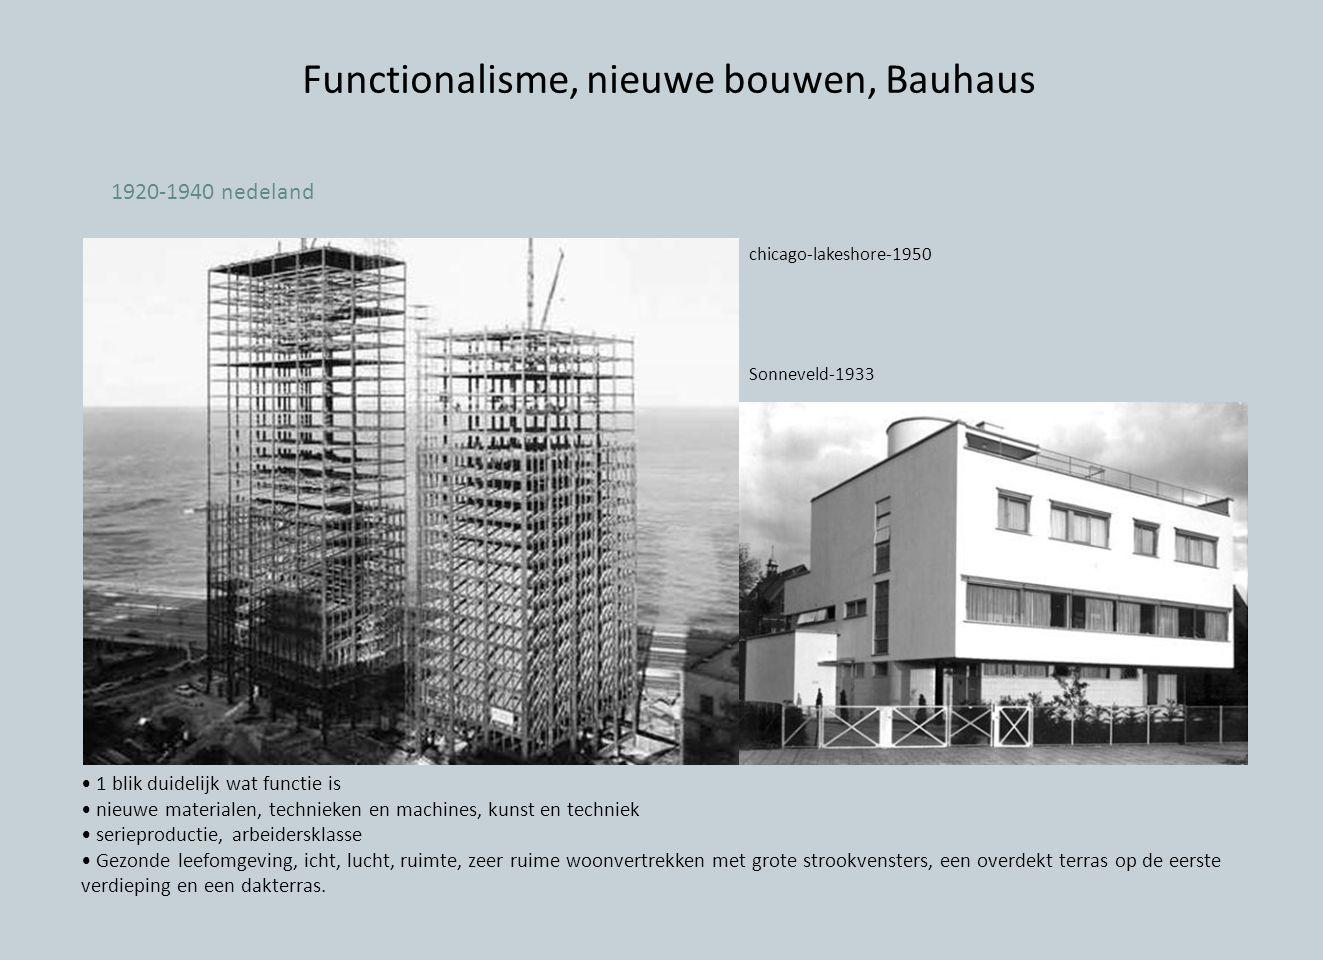 Functionalisme, nieuwe bouwen, Bauhaus 1 blik duidelijk wat functie is nieuwe materialen, technieken en machines, kunst en techniek serieproductie, ar